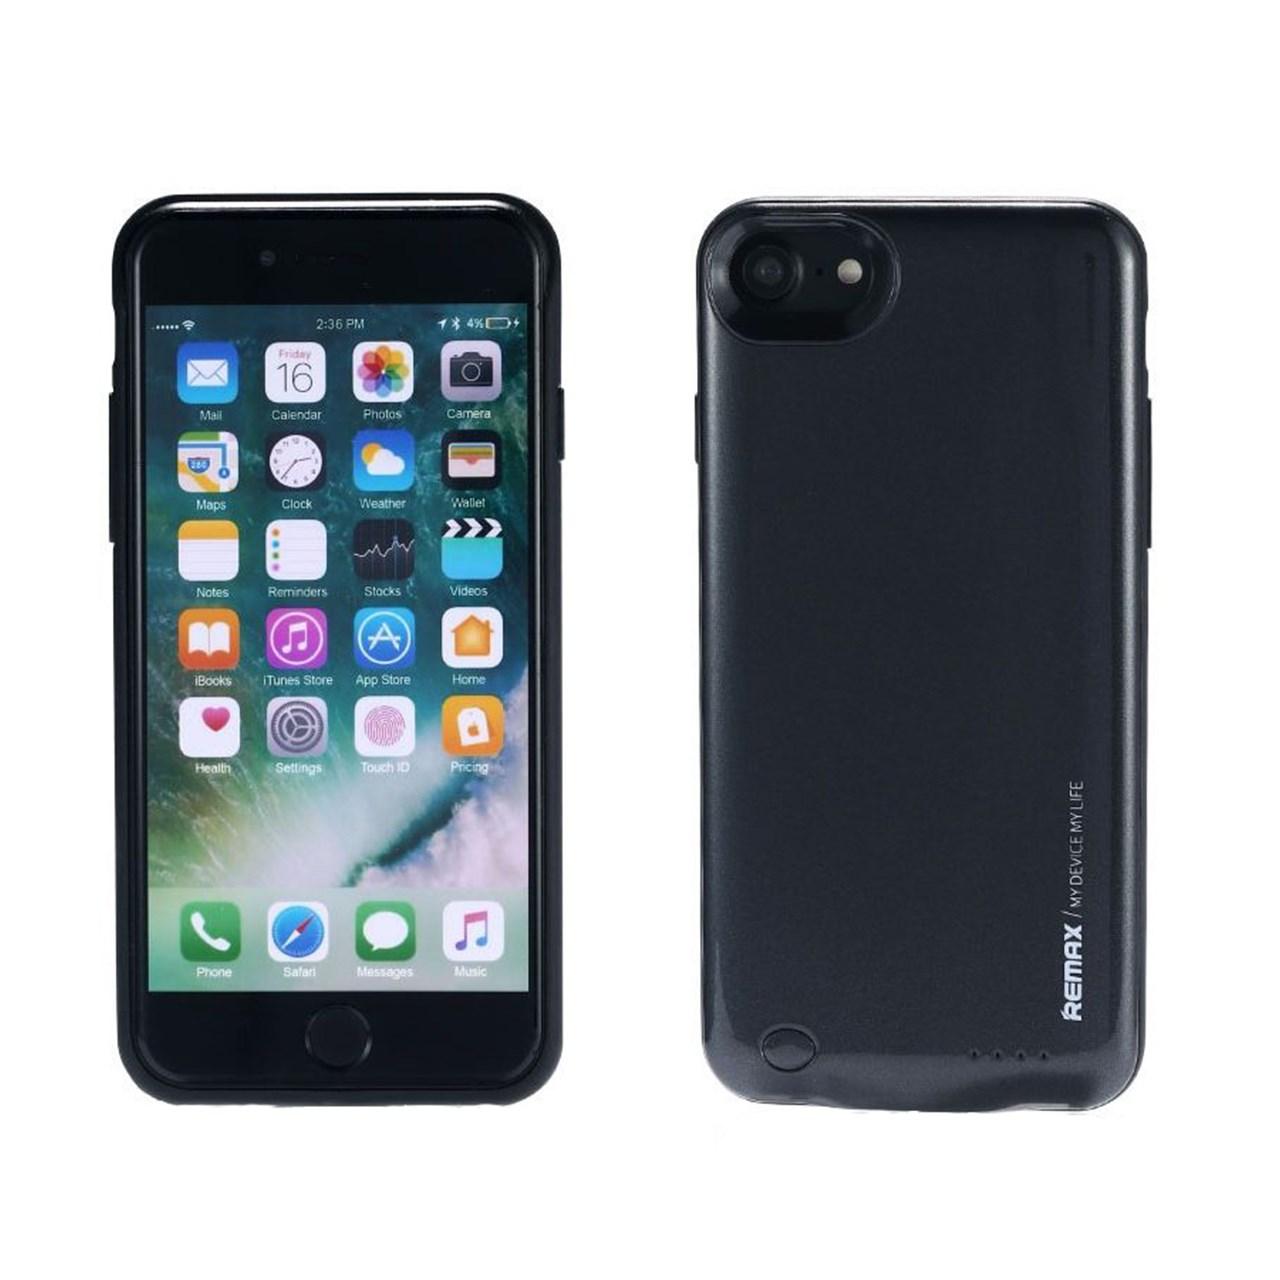 عکس کاور شارژ ریمکس مدل Energy Jacket ظرفیت 2400 میلی آمپر ساعت مناسب برای گوشی موبایل اپل iPhone 7